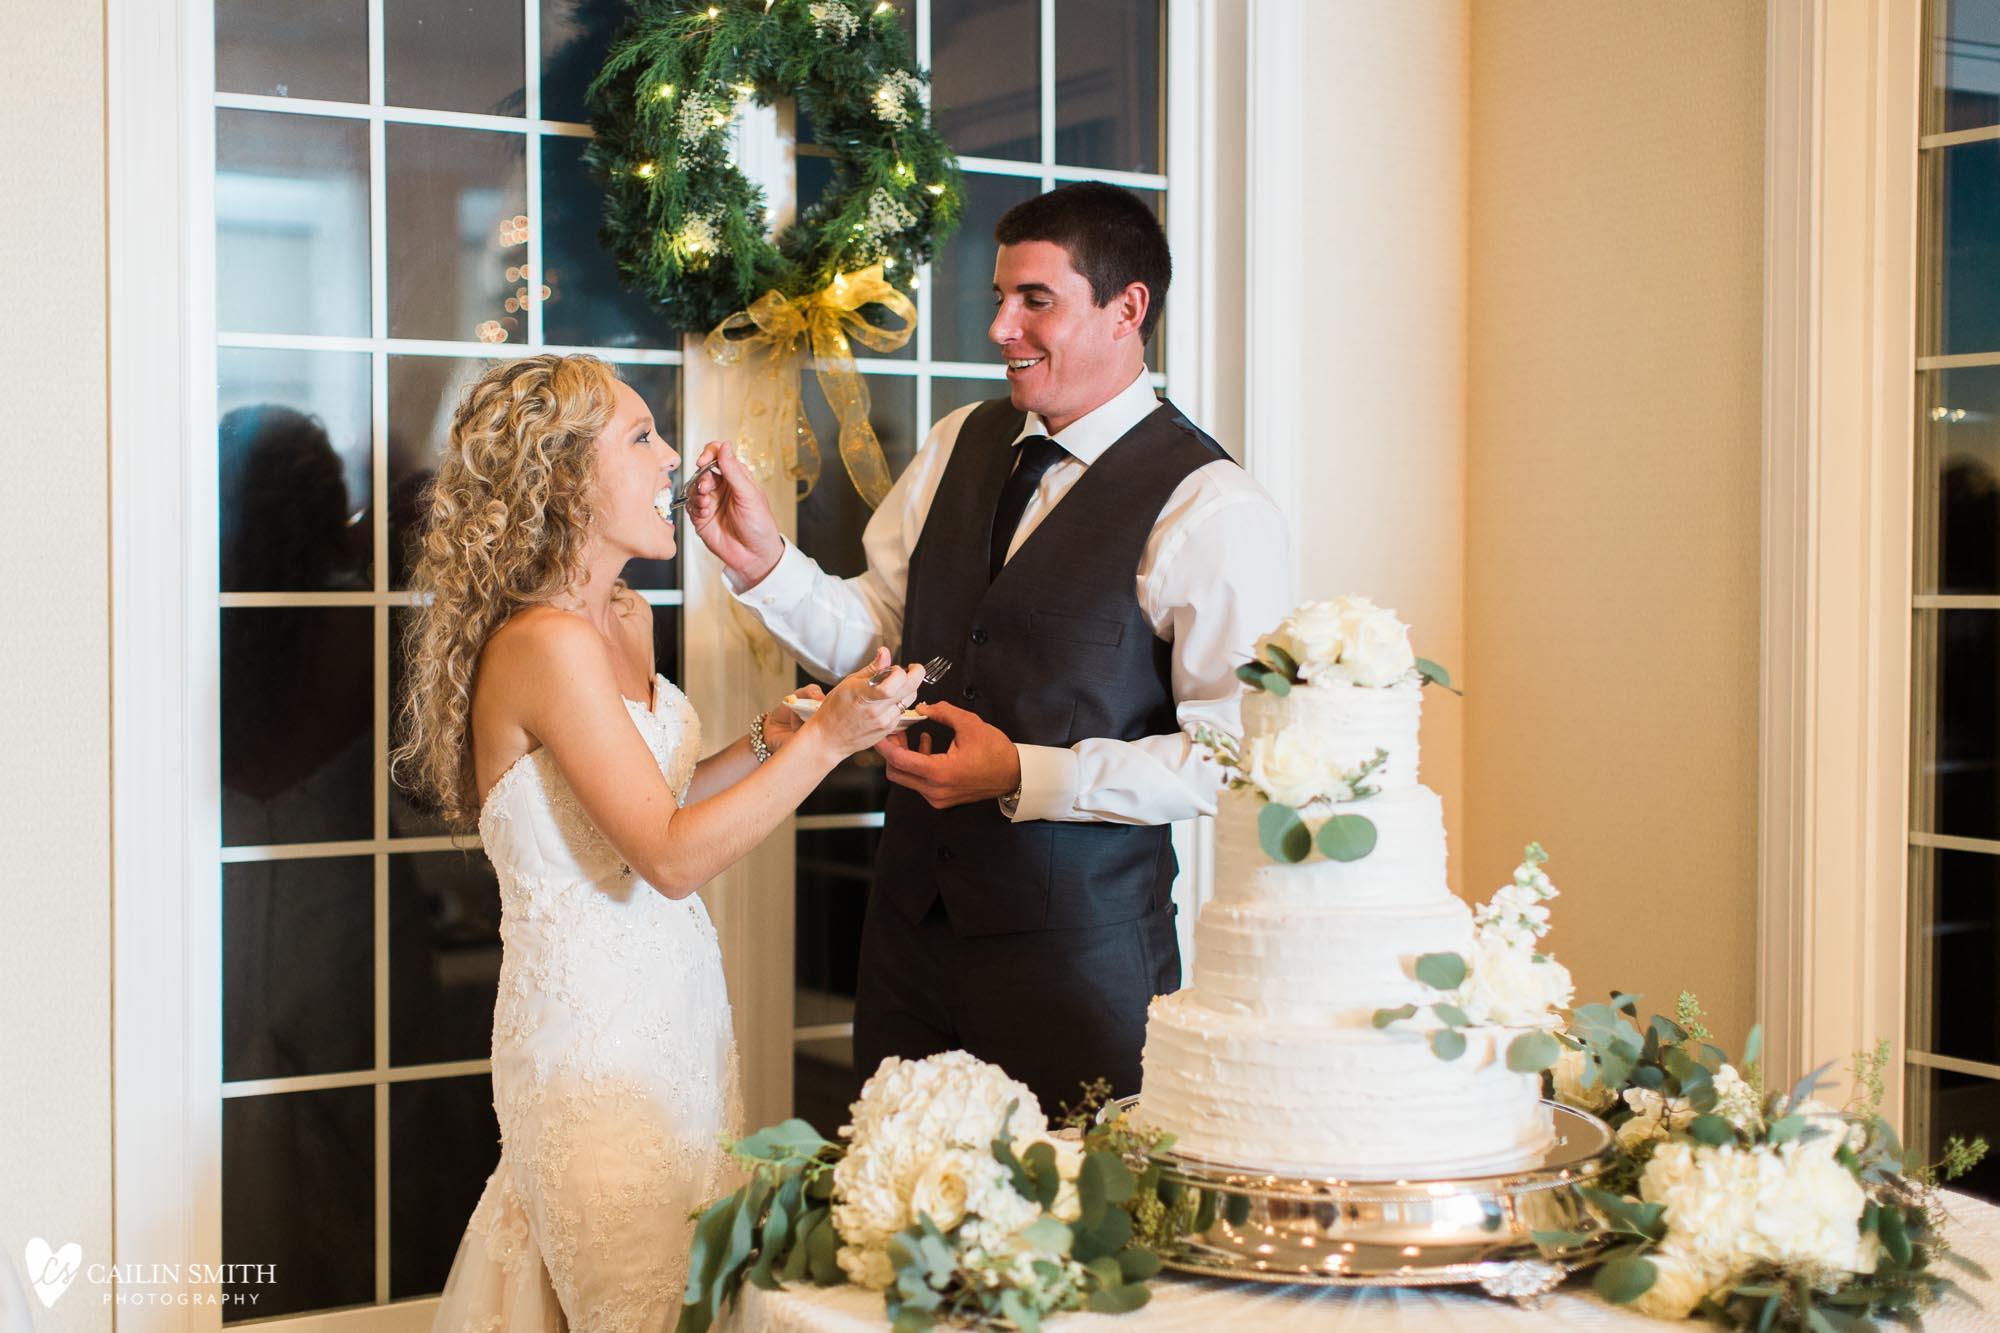 Leah_Major_St_Marys_Wedding_Photography_104.jpg